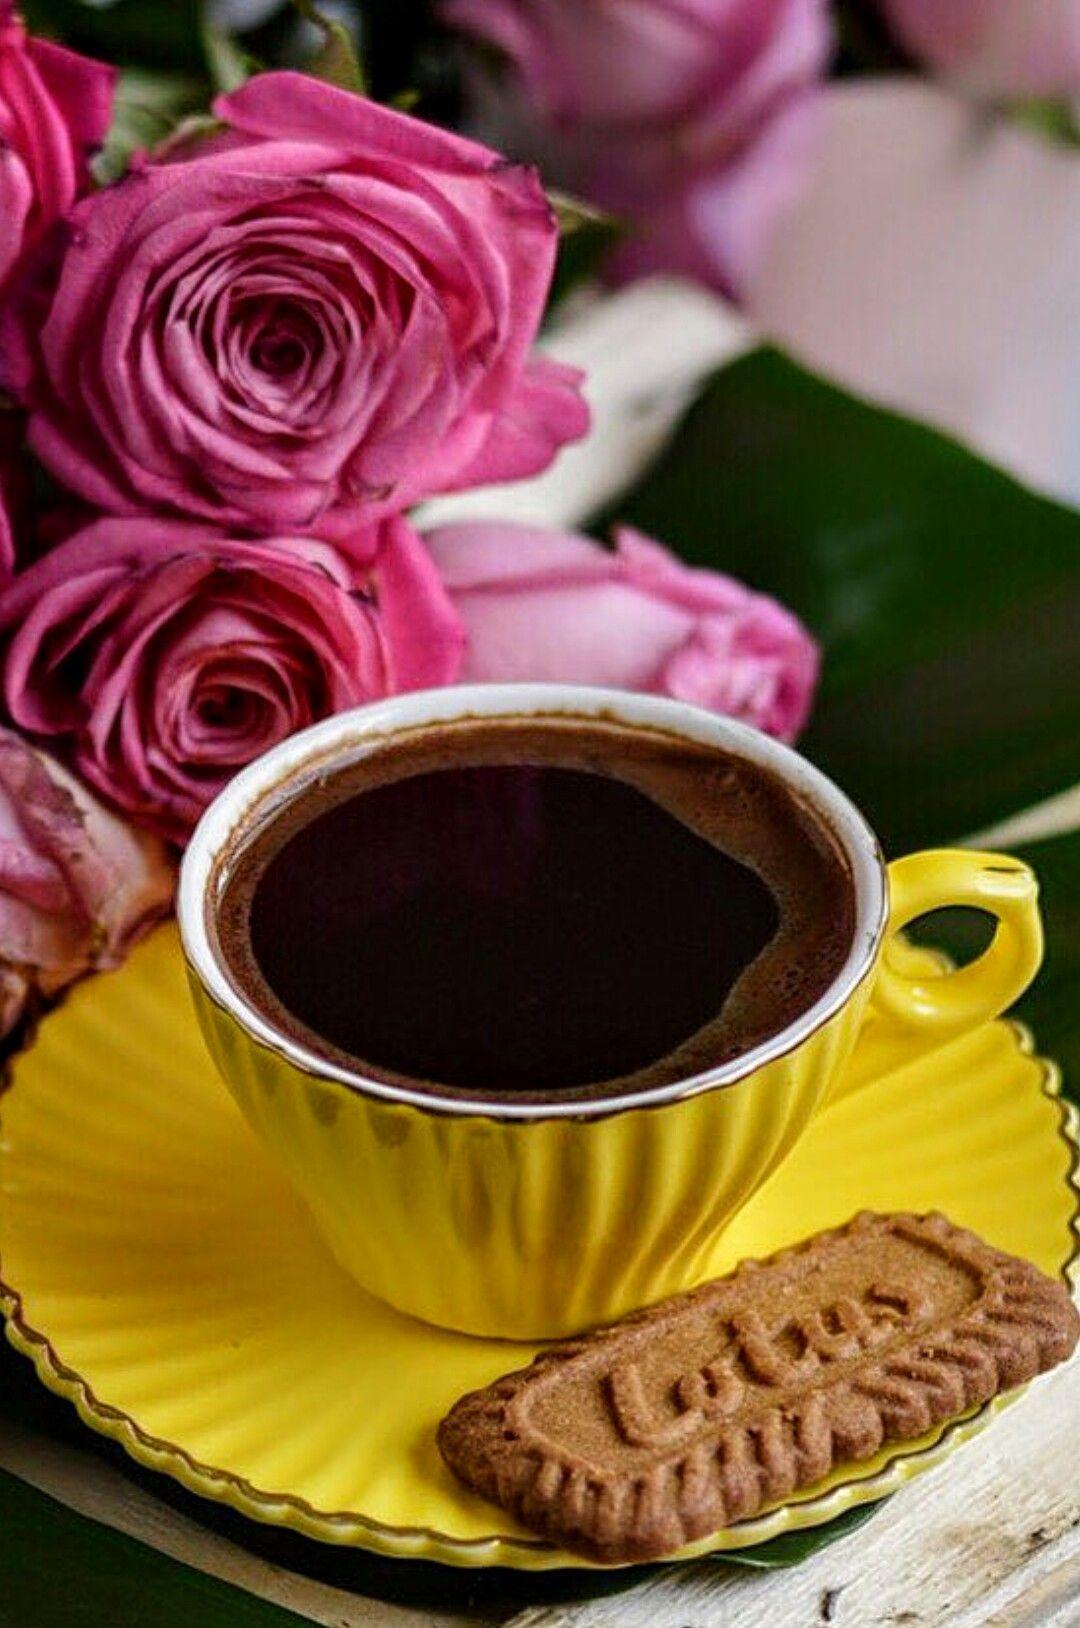 физических картинки кофе с розами может быть общего